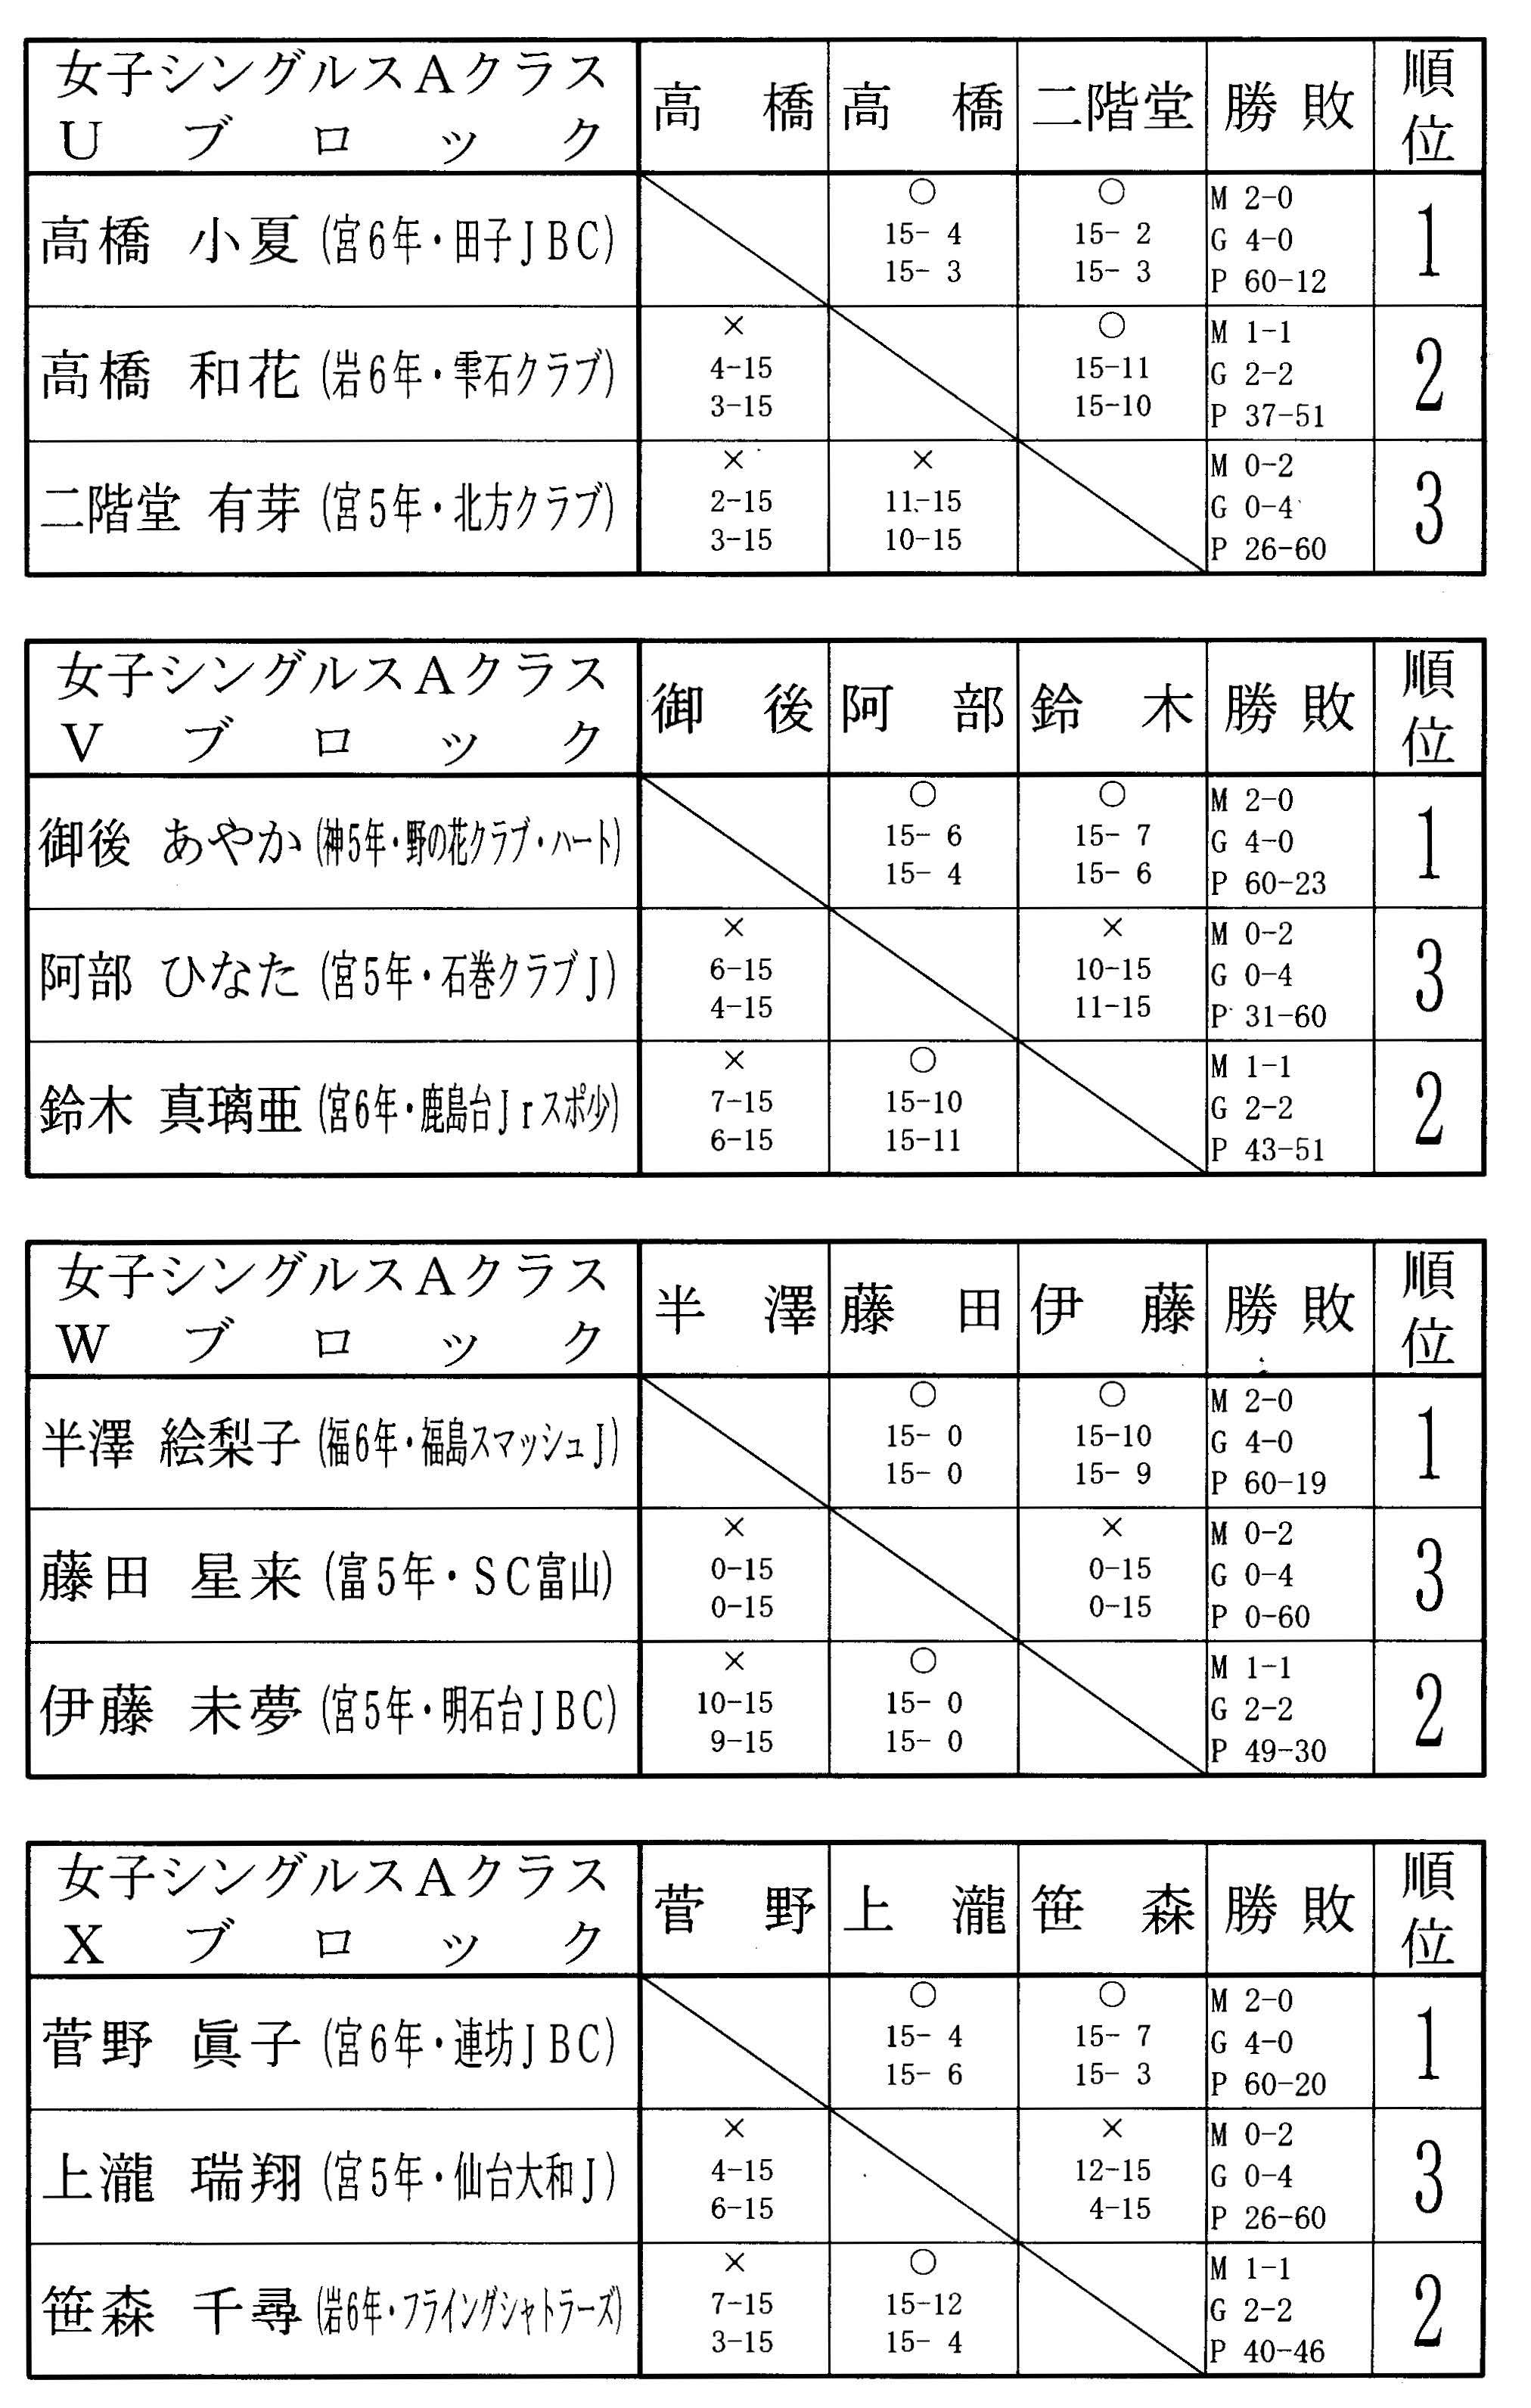 第9回タカハシ杯 結果女子シングルスAクラス_f0236646_15345662.jpg